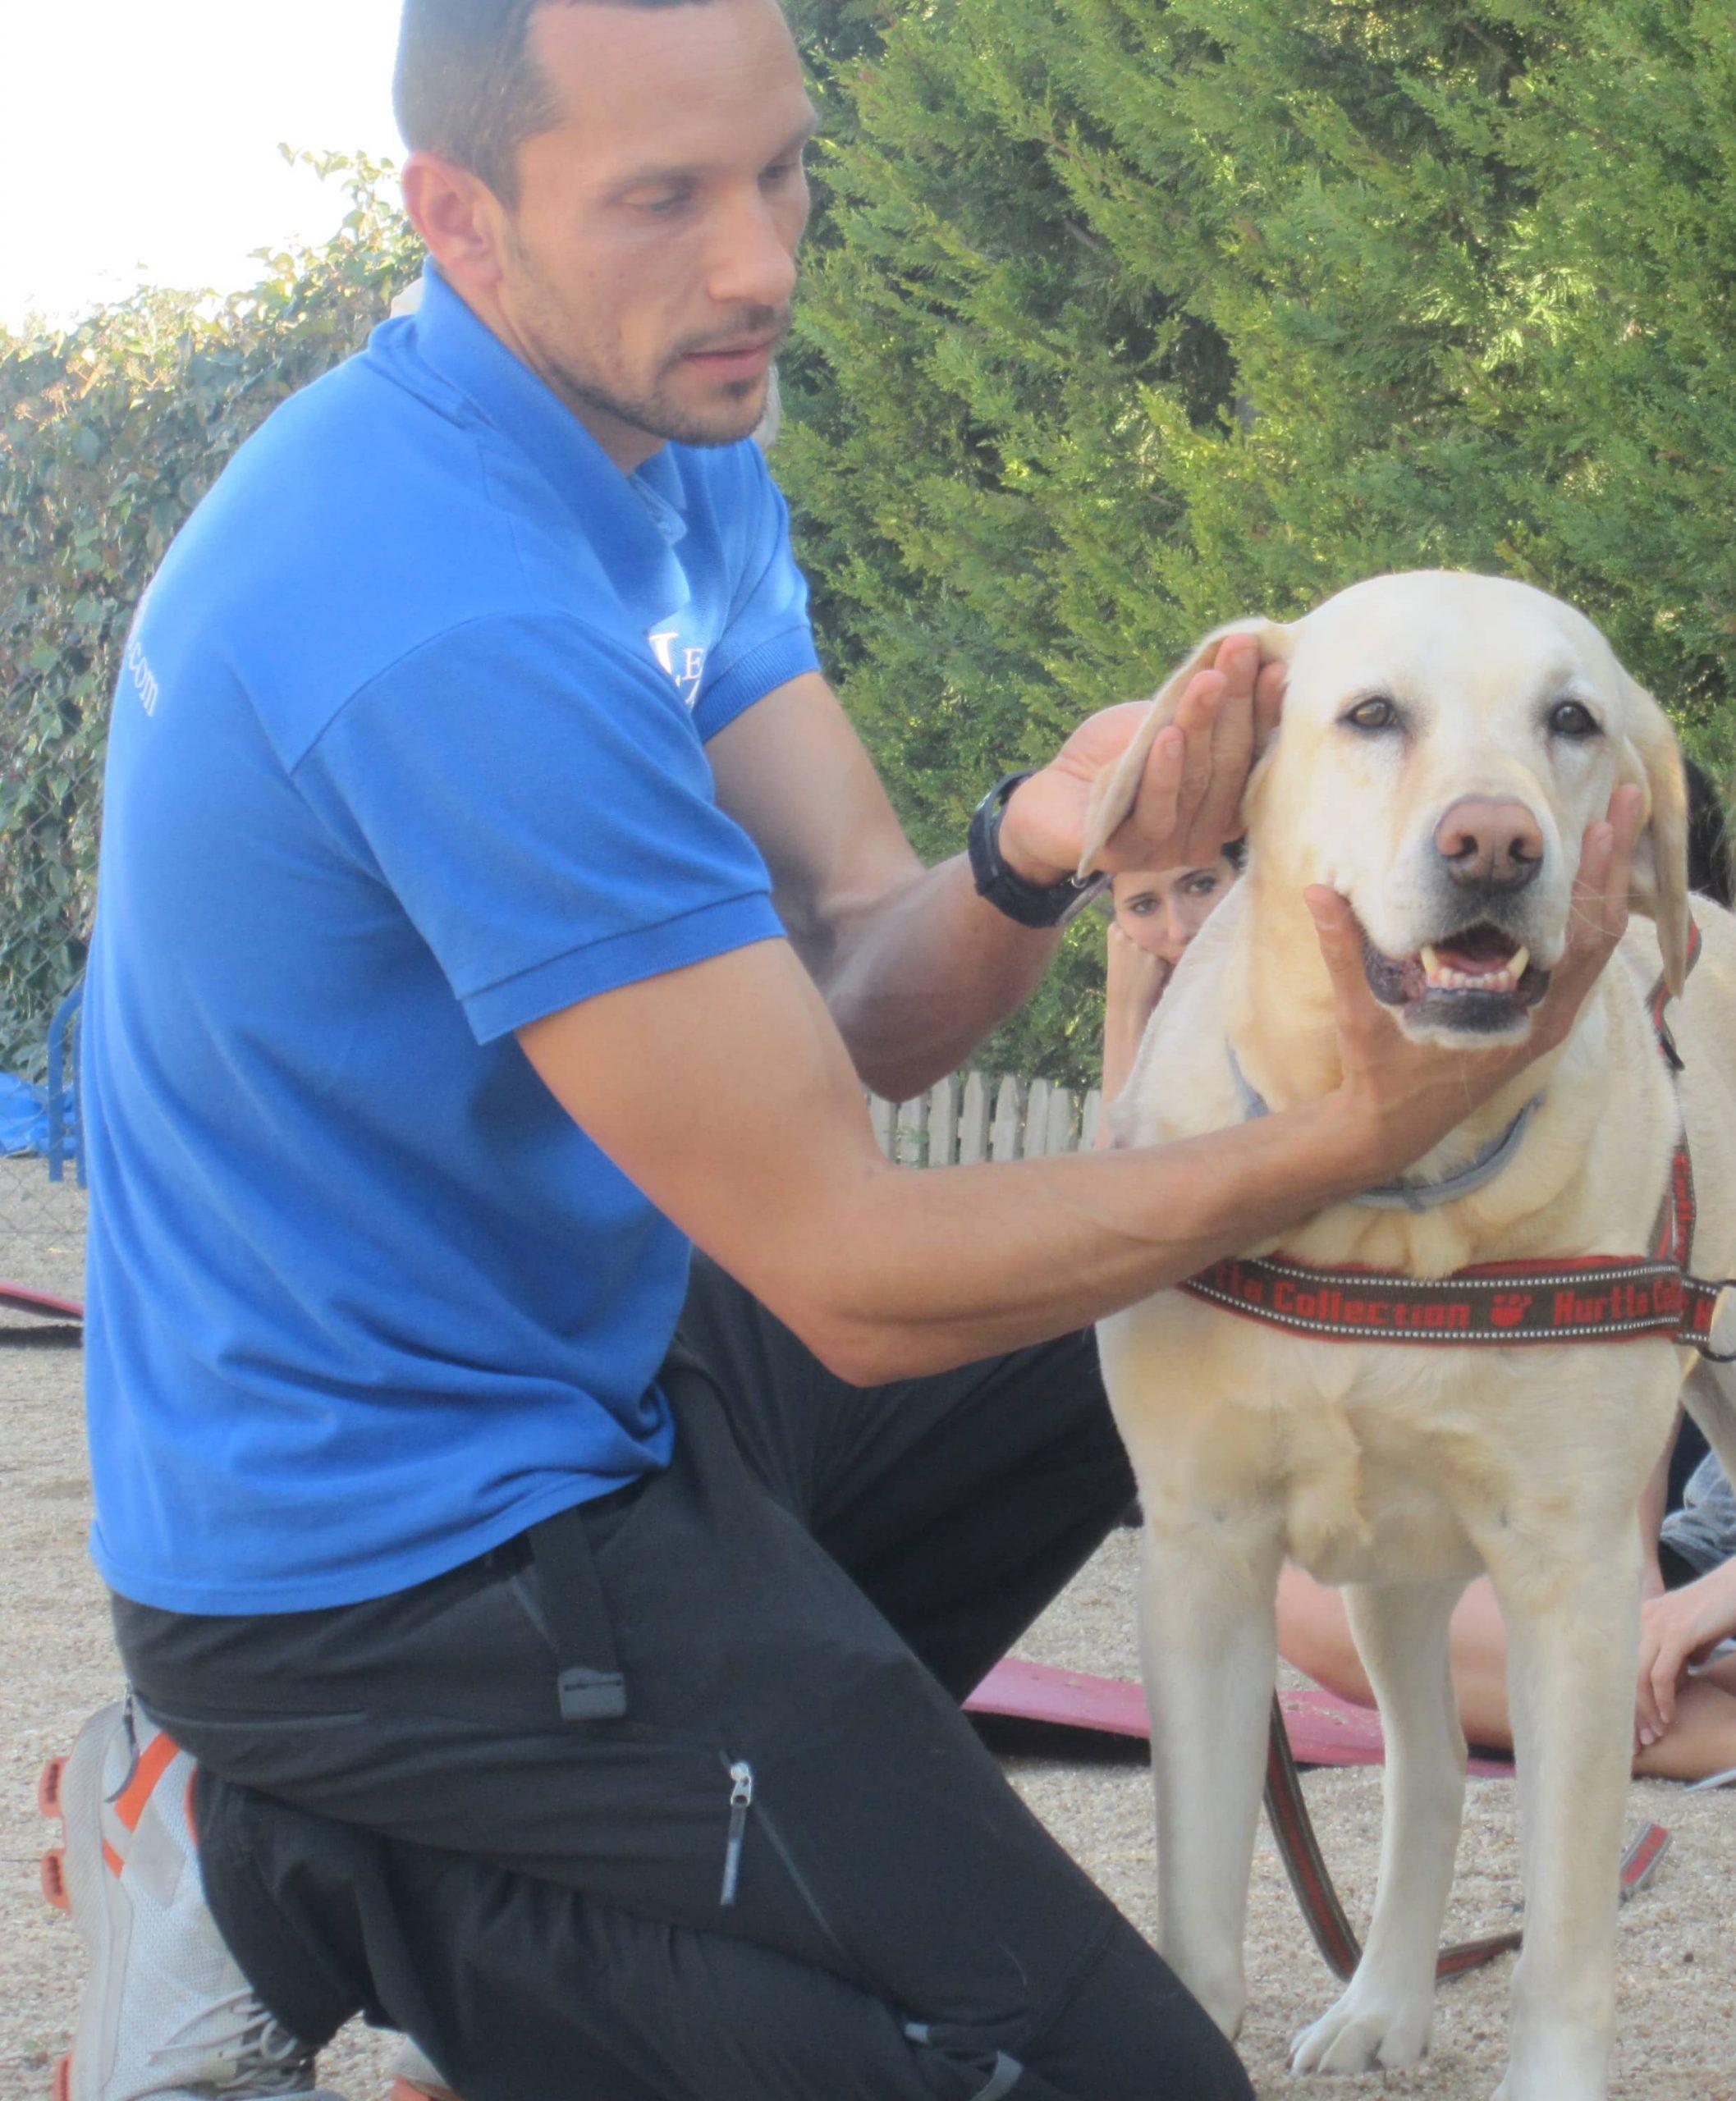 Enrique Solís apoyando la pierna derecha en el suelo, mirando y tocando con la mano derecha la barbilla y con la mano izquierda la oreja derecha de su perro Dogma que está enfrente suyo mirando a la cámara